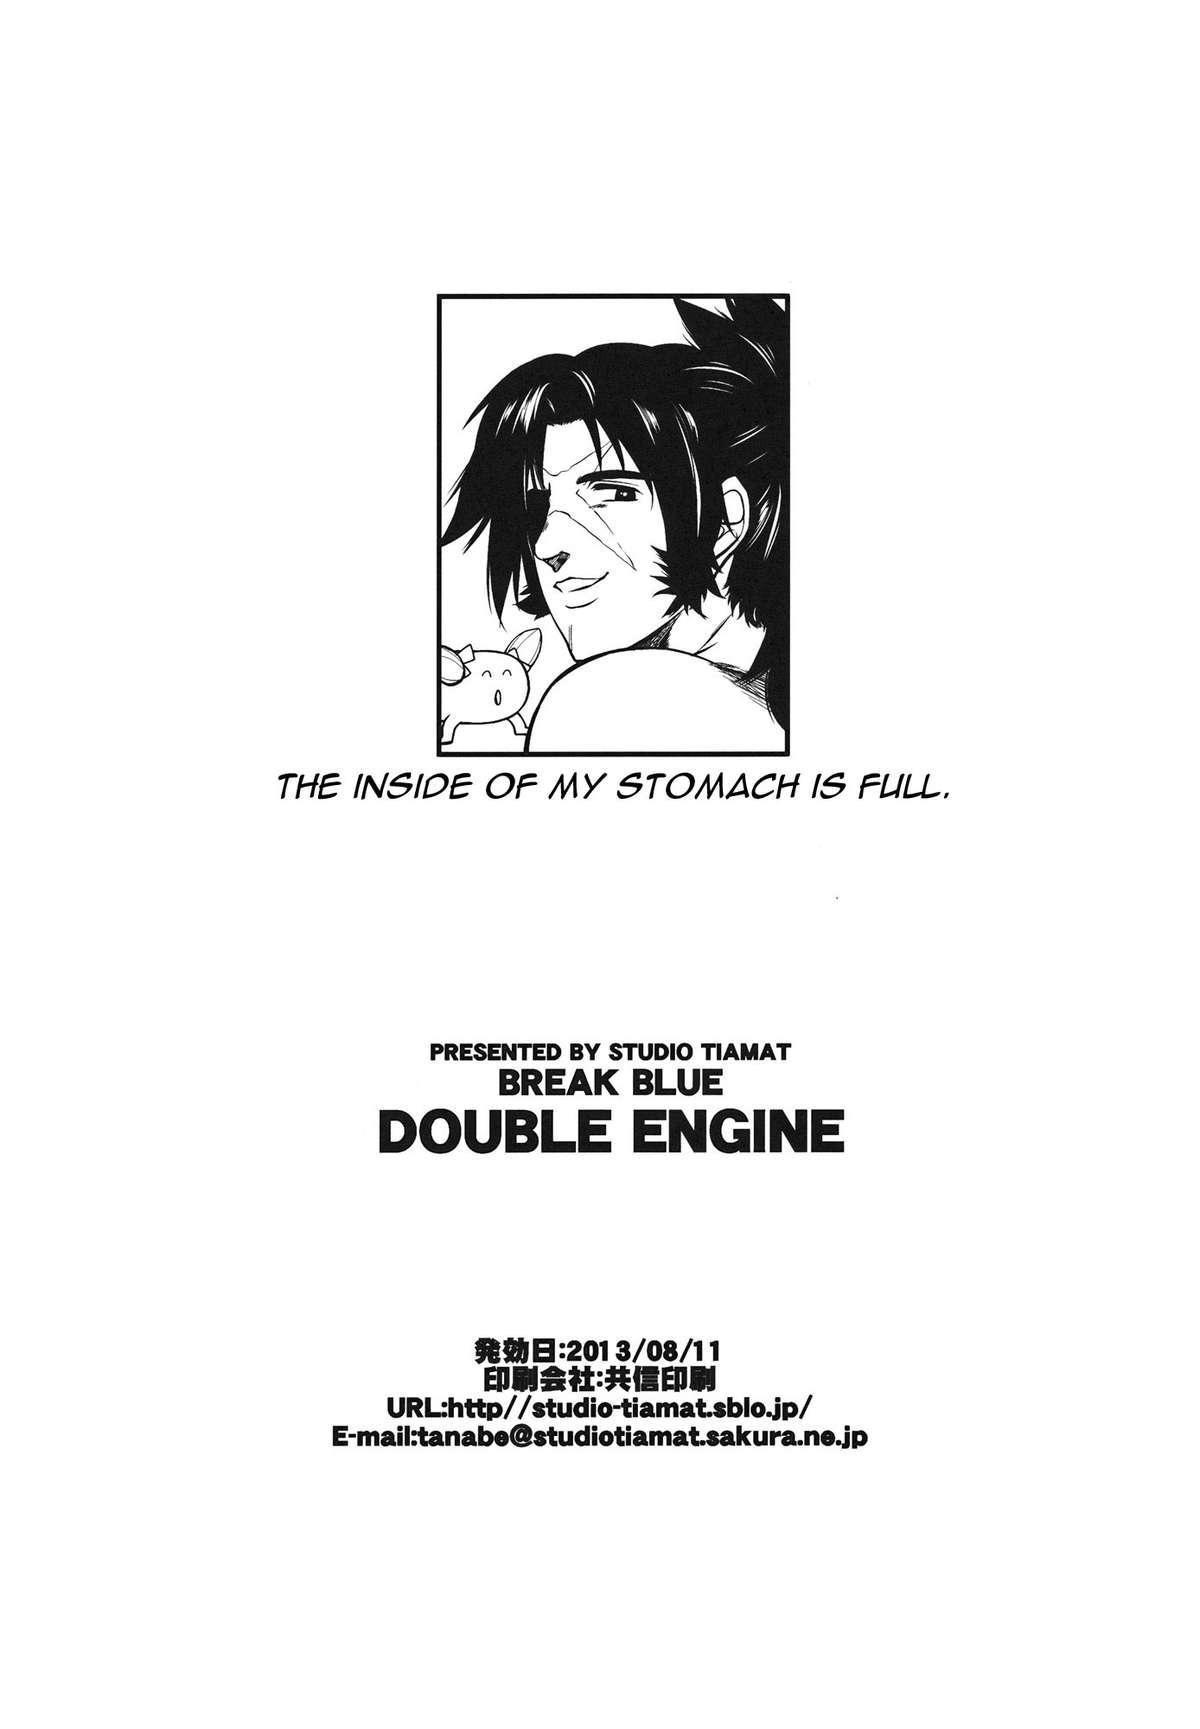 Break Blue Double Engine 35